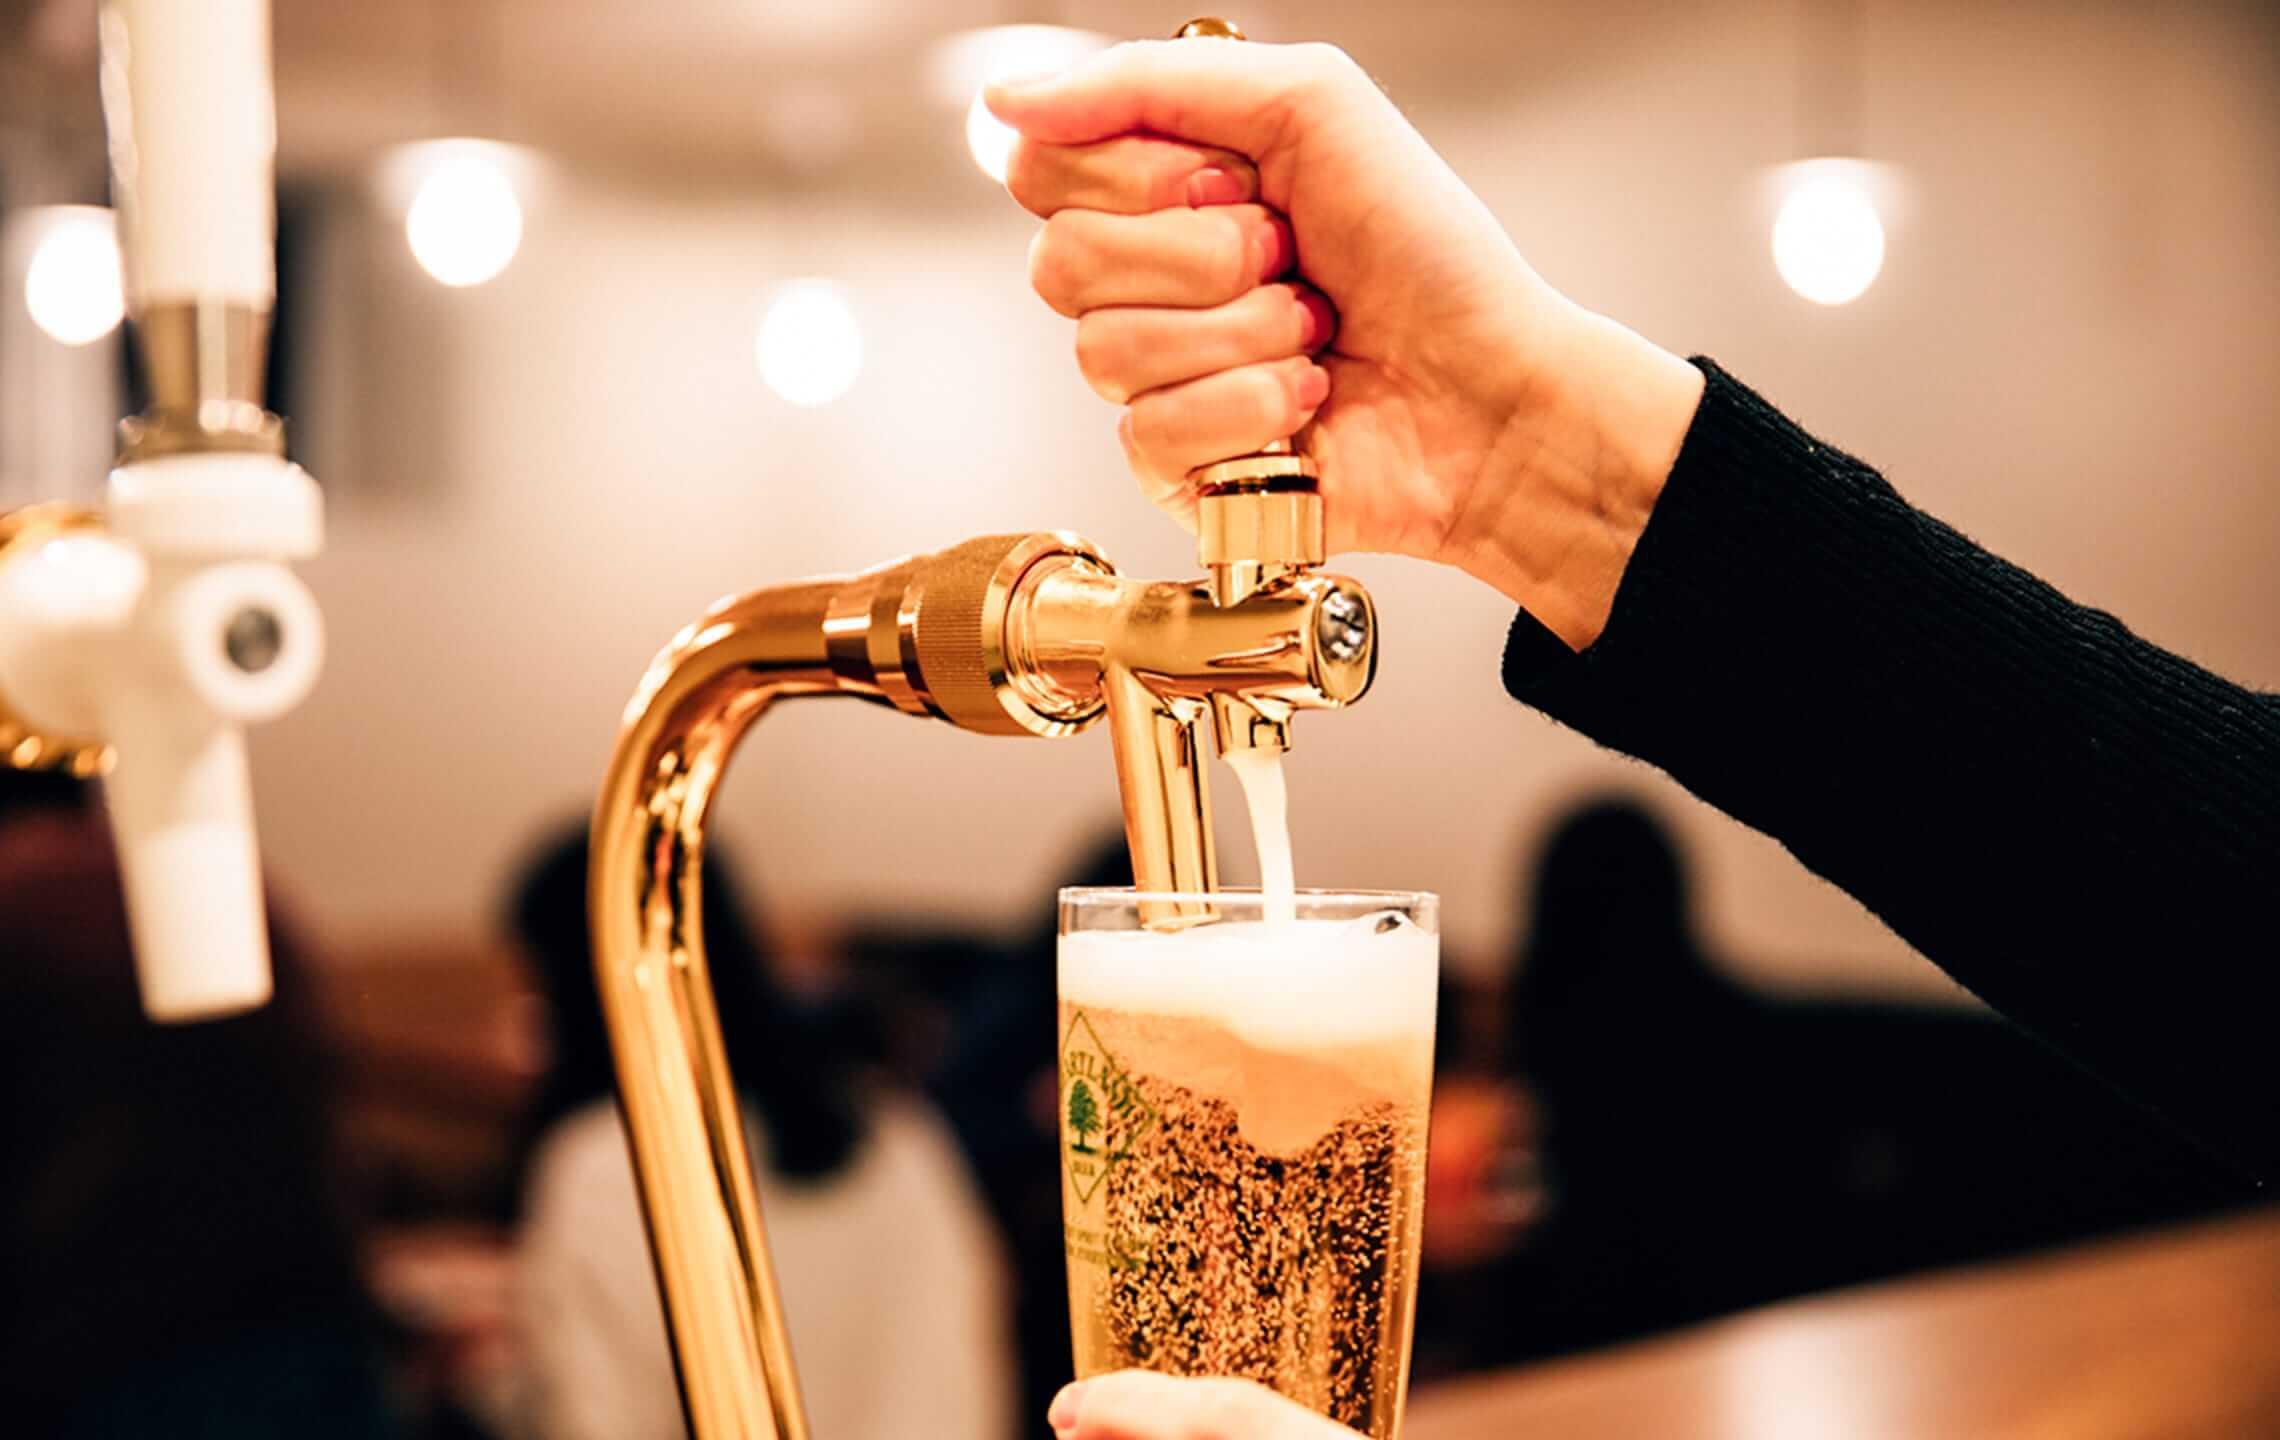 ビールを注ぎ入れている女性の画像